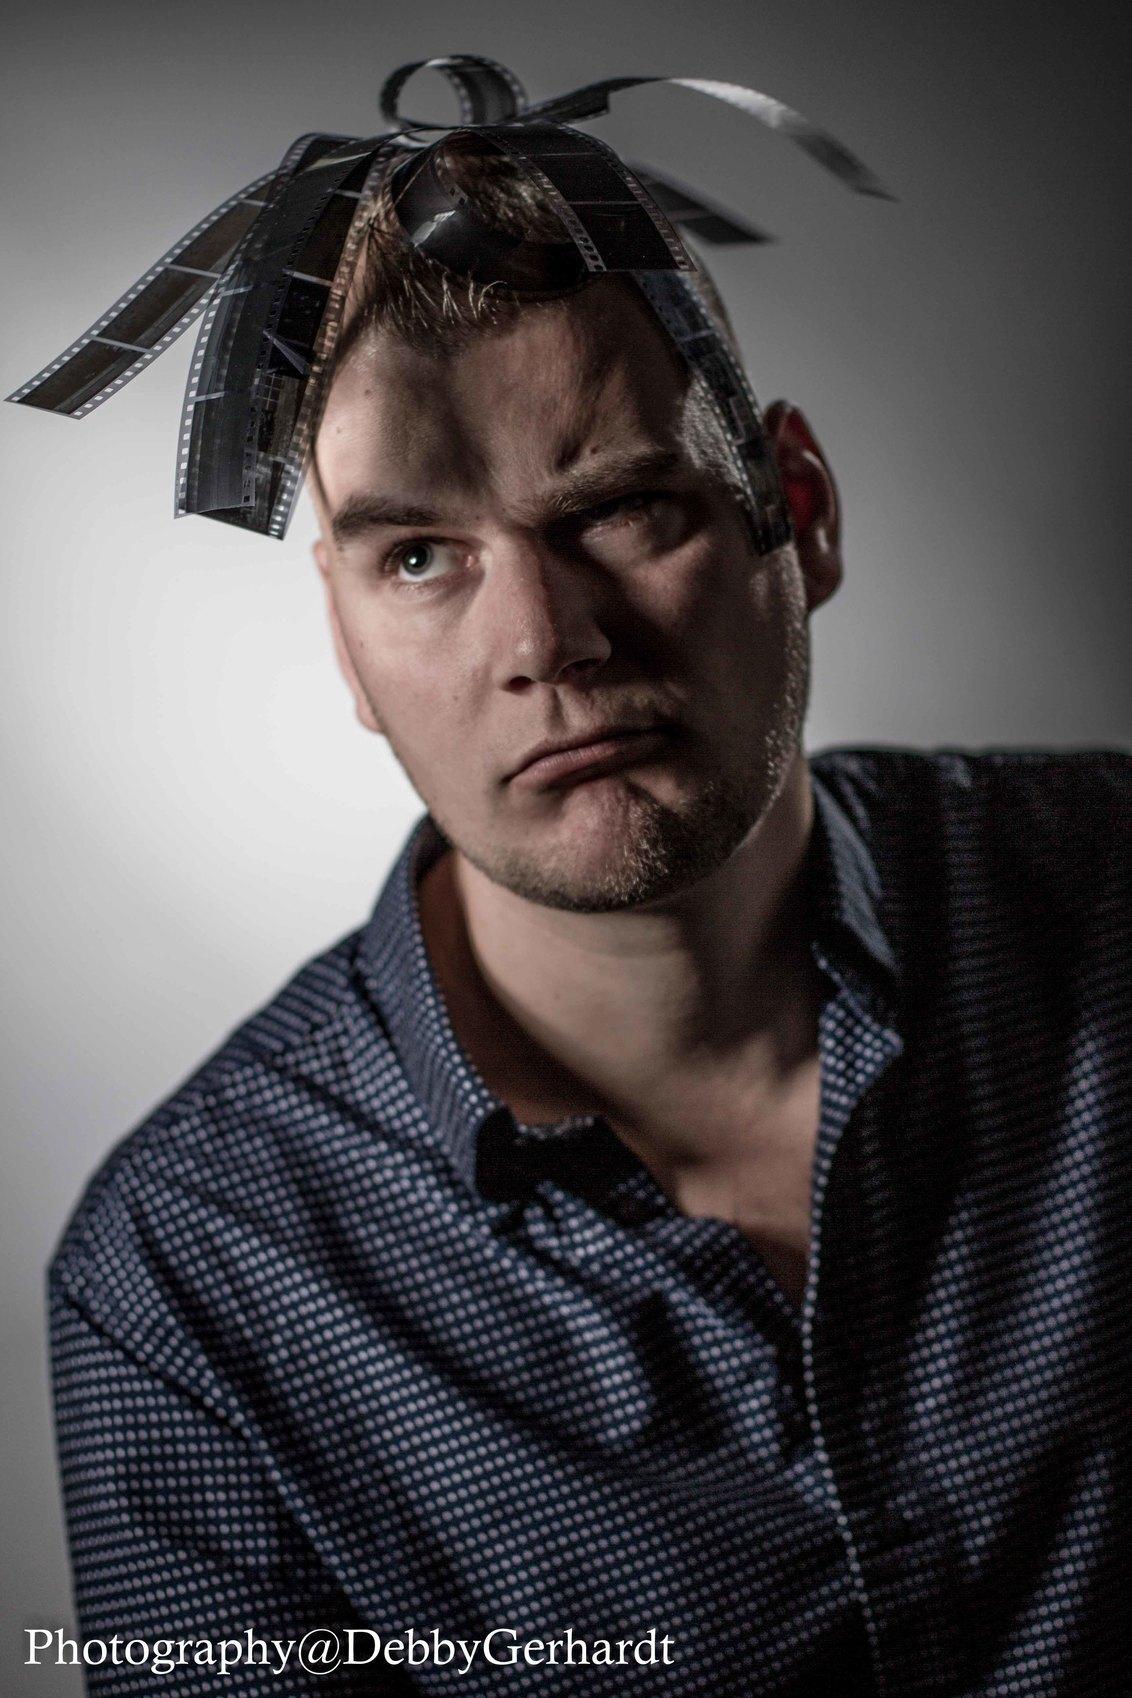 Brian - karakter portret van een fotograaf - foto door debbyvroon op 11-11-2015 - deze foto bevat: man, donker, licht, portret, fantasie, model, flits, kunst, haar, bewerking, nostalgie, sfeer, emotie, studio, contrast, photoshop, belichting, closeup, klassiek, creatief, fotoshoot, karakter, flitser, lowkey, 50mm, lightroom, karakterportret